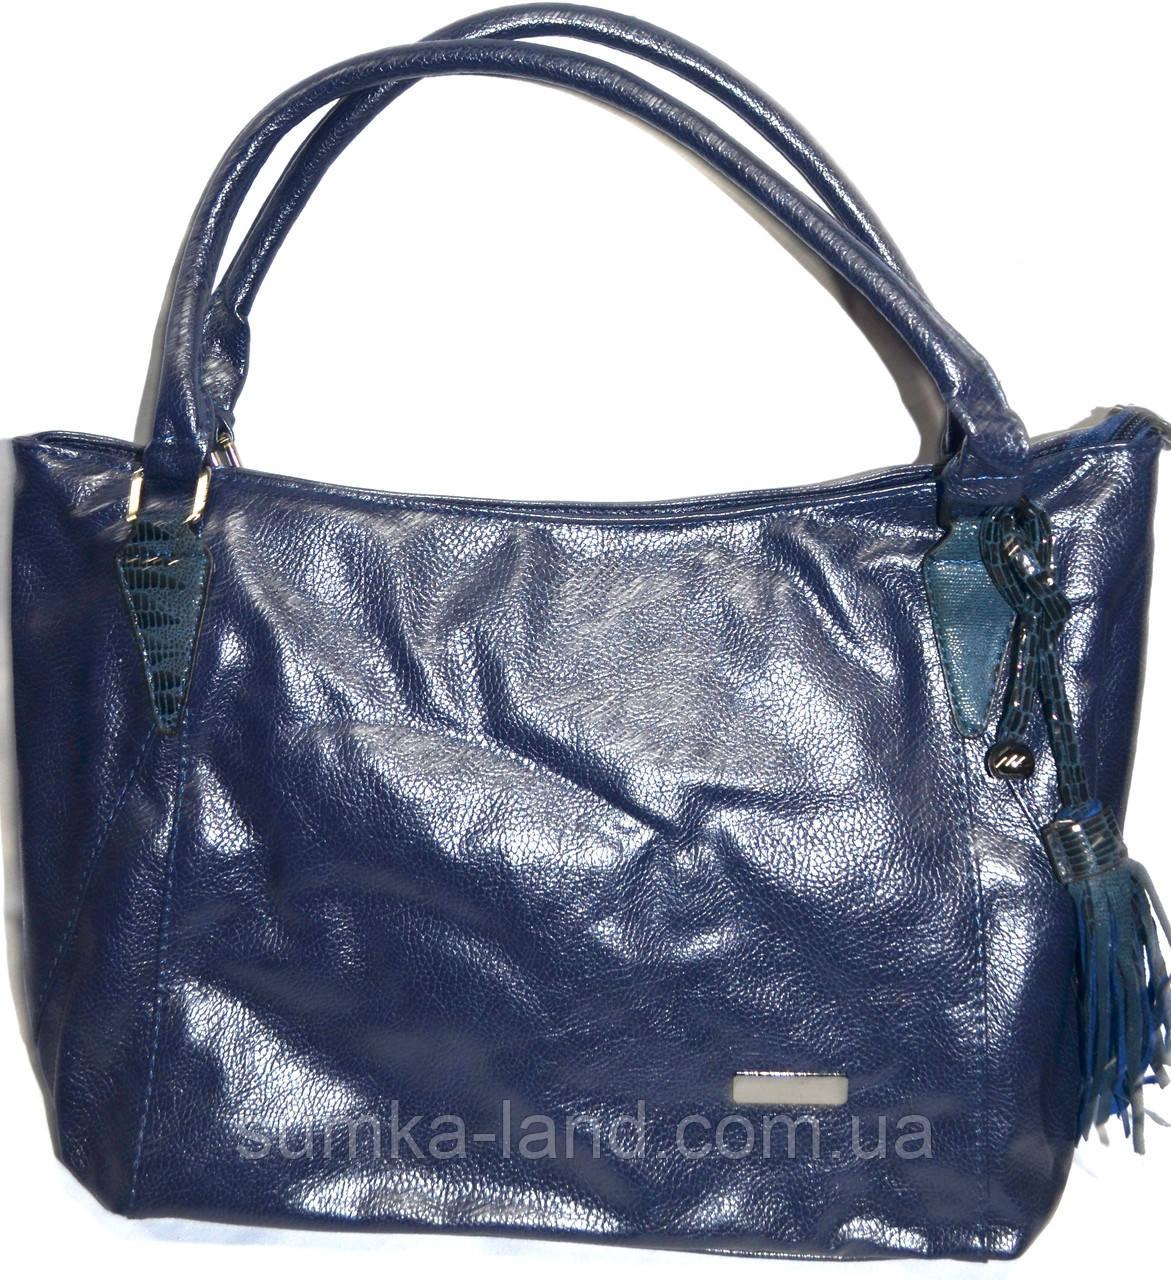 Женская сумка из искусственной кожи 33*27 см (синий)